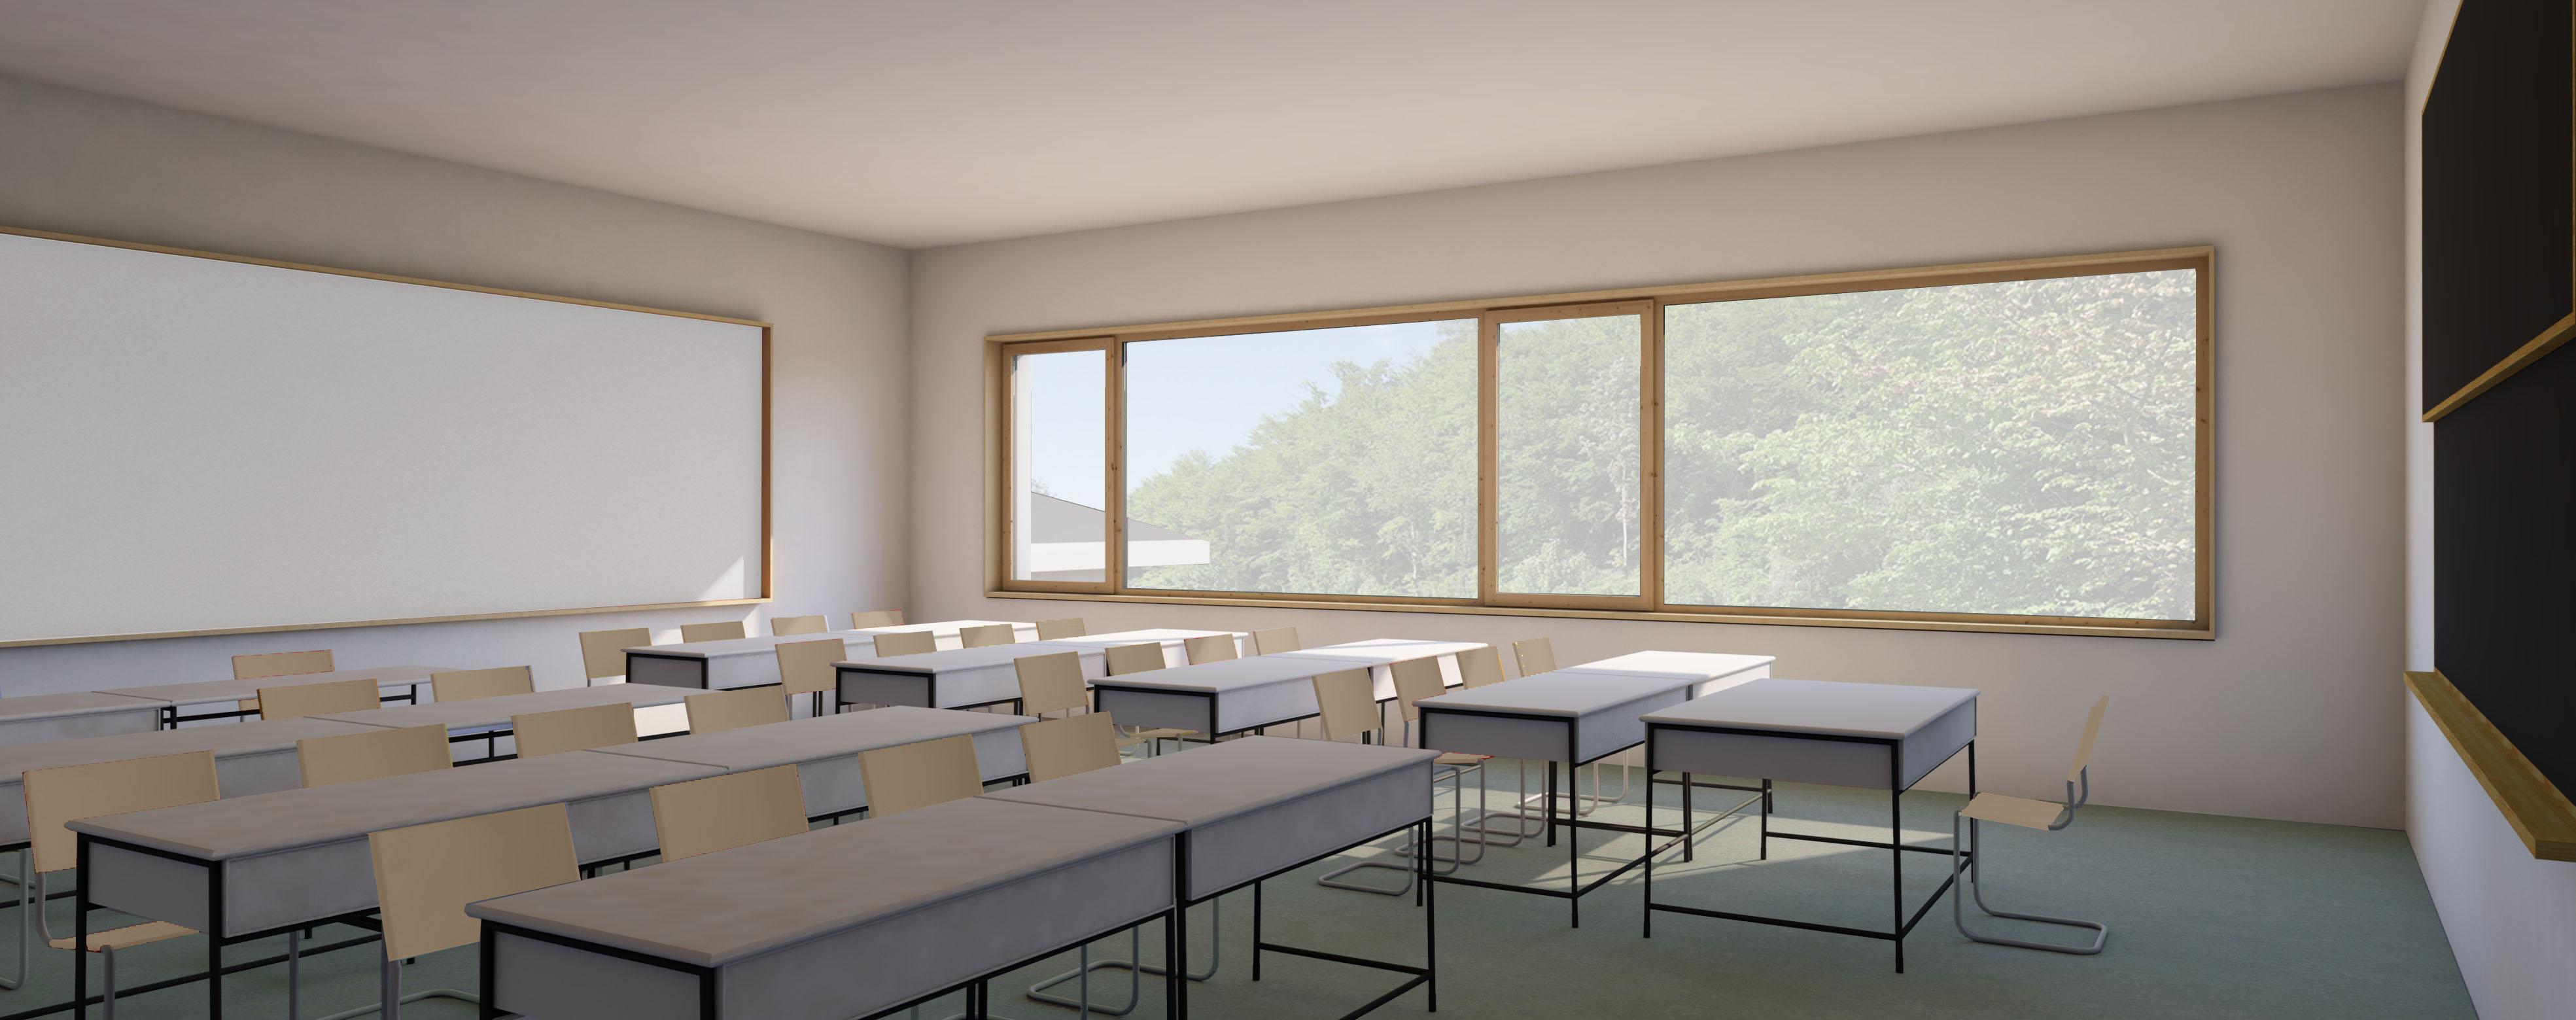 Sommertalschule Klasse